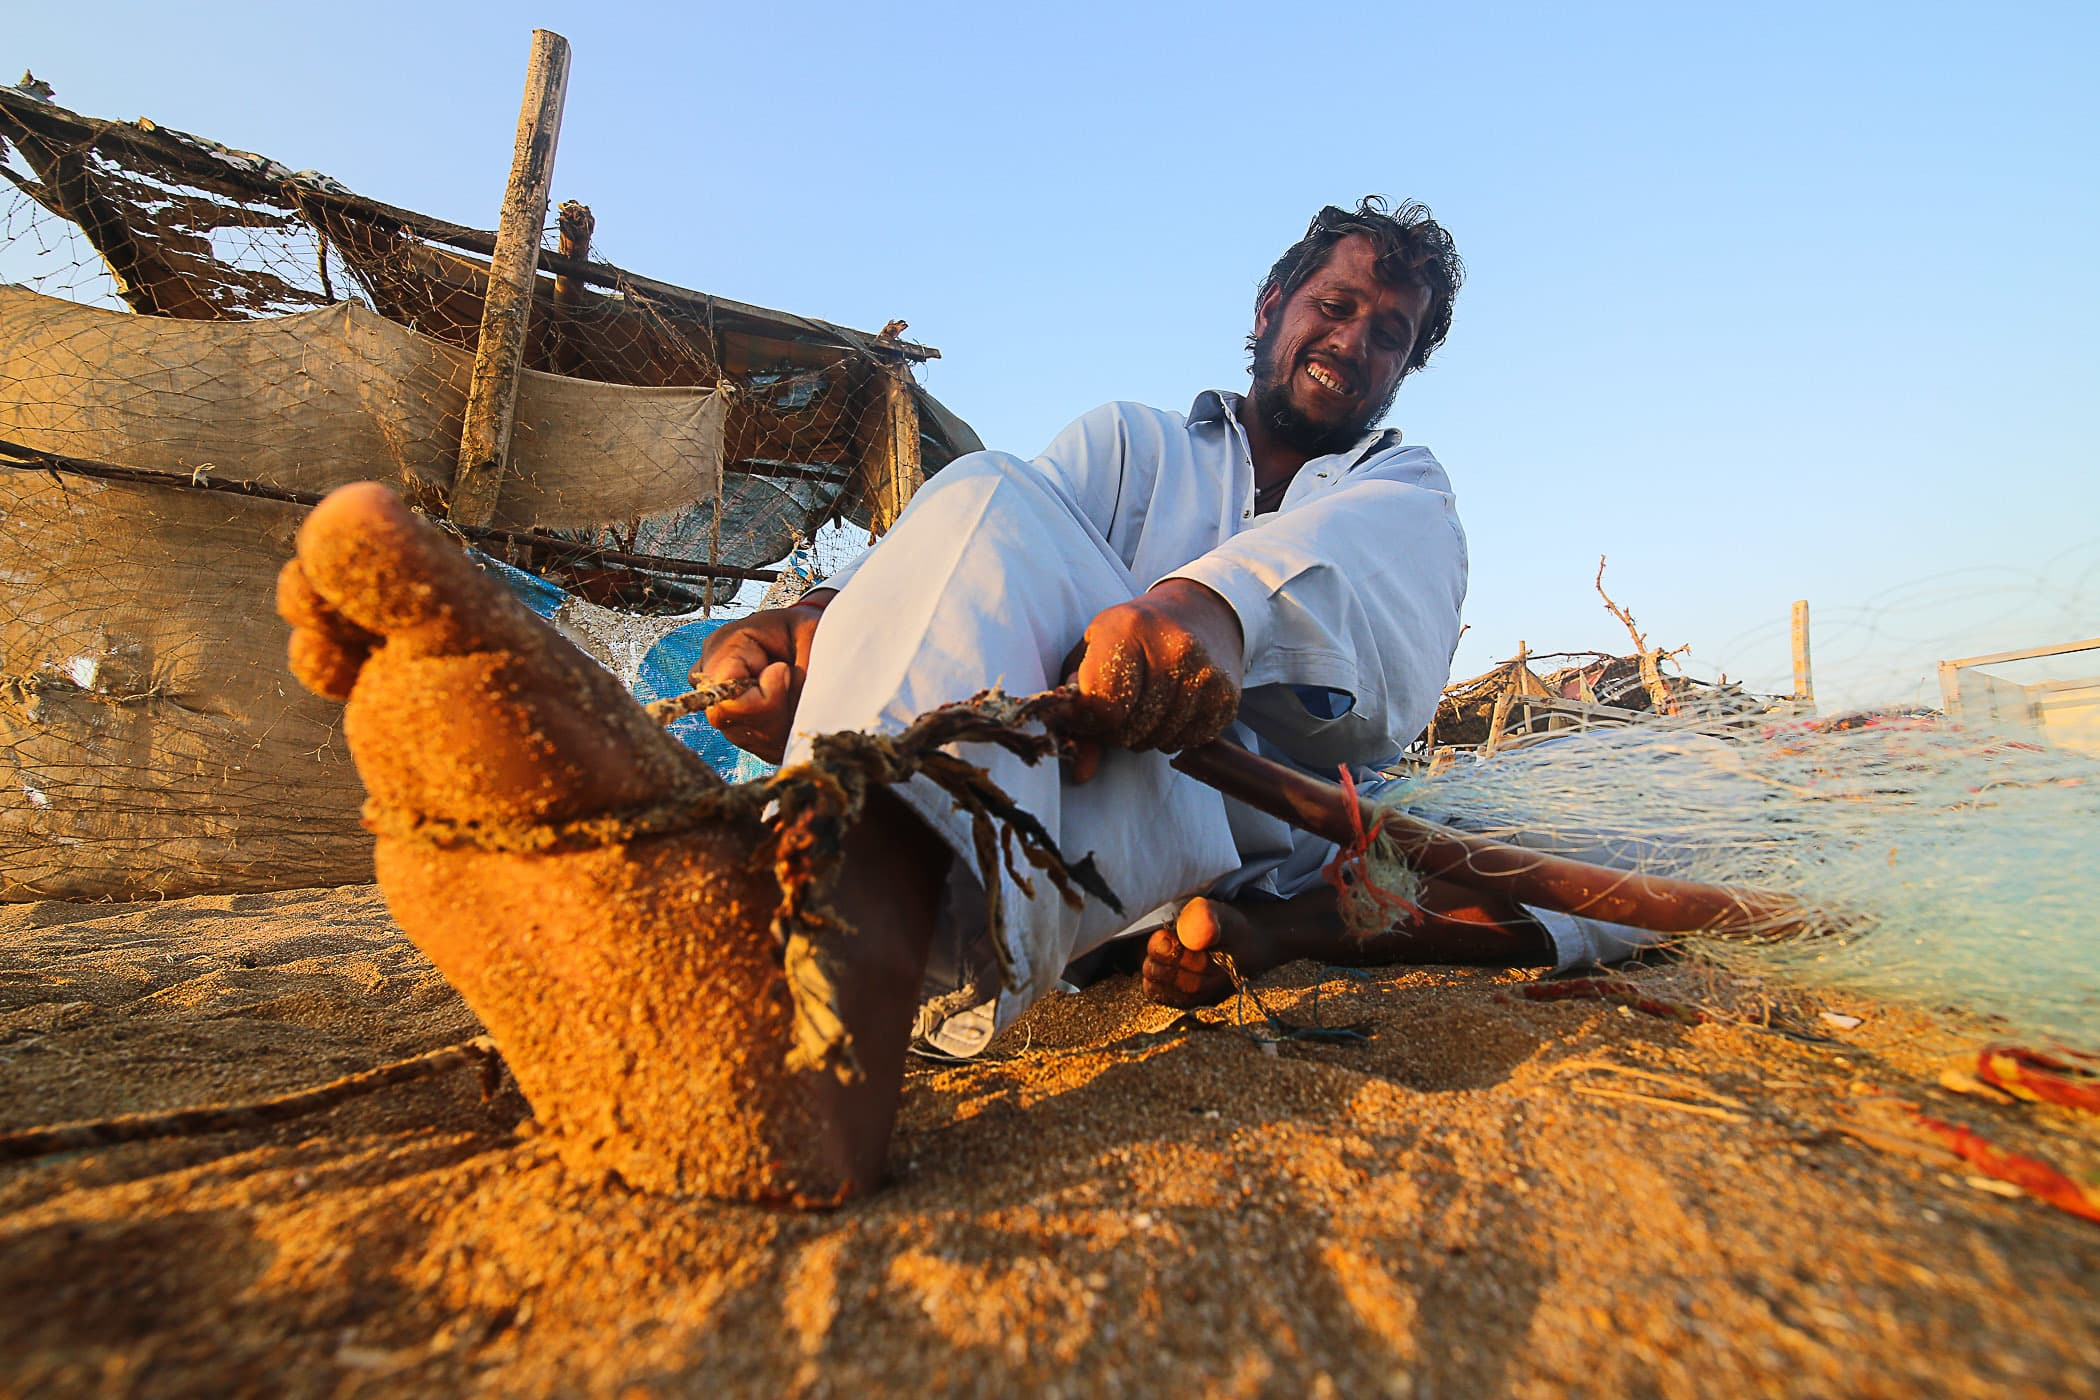 A Karachi fisherman'